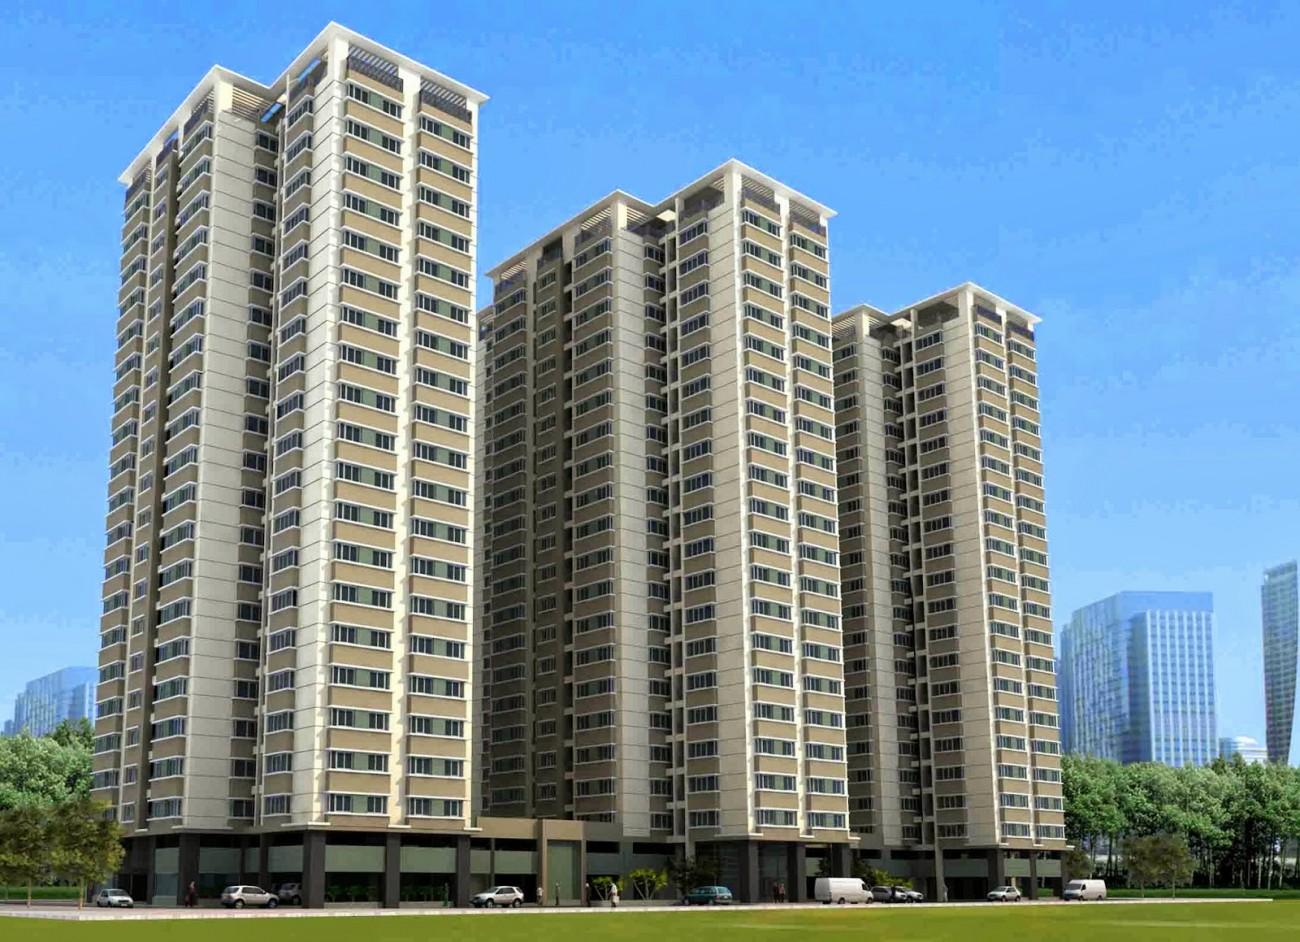 Sửa chữa căn hộ chung cư tại tphcm